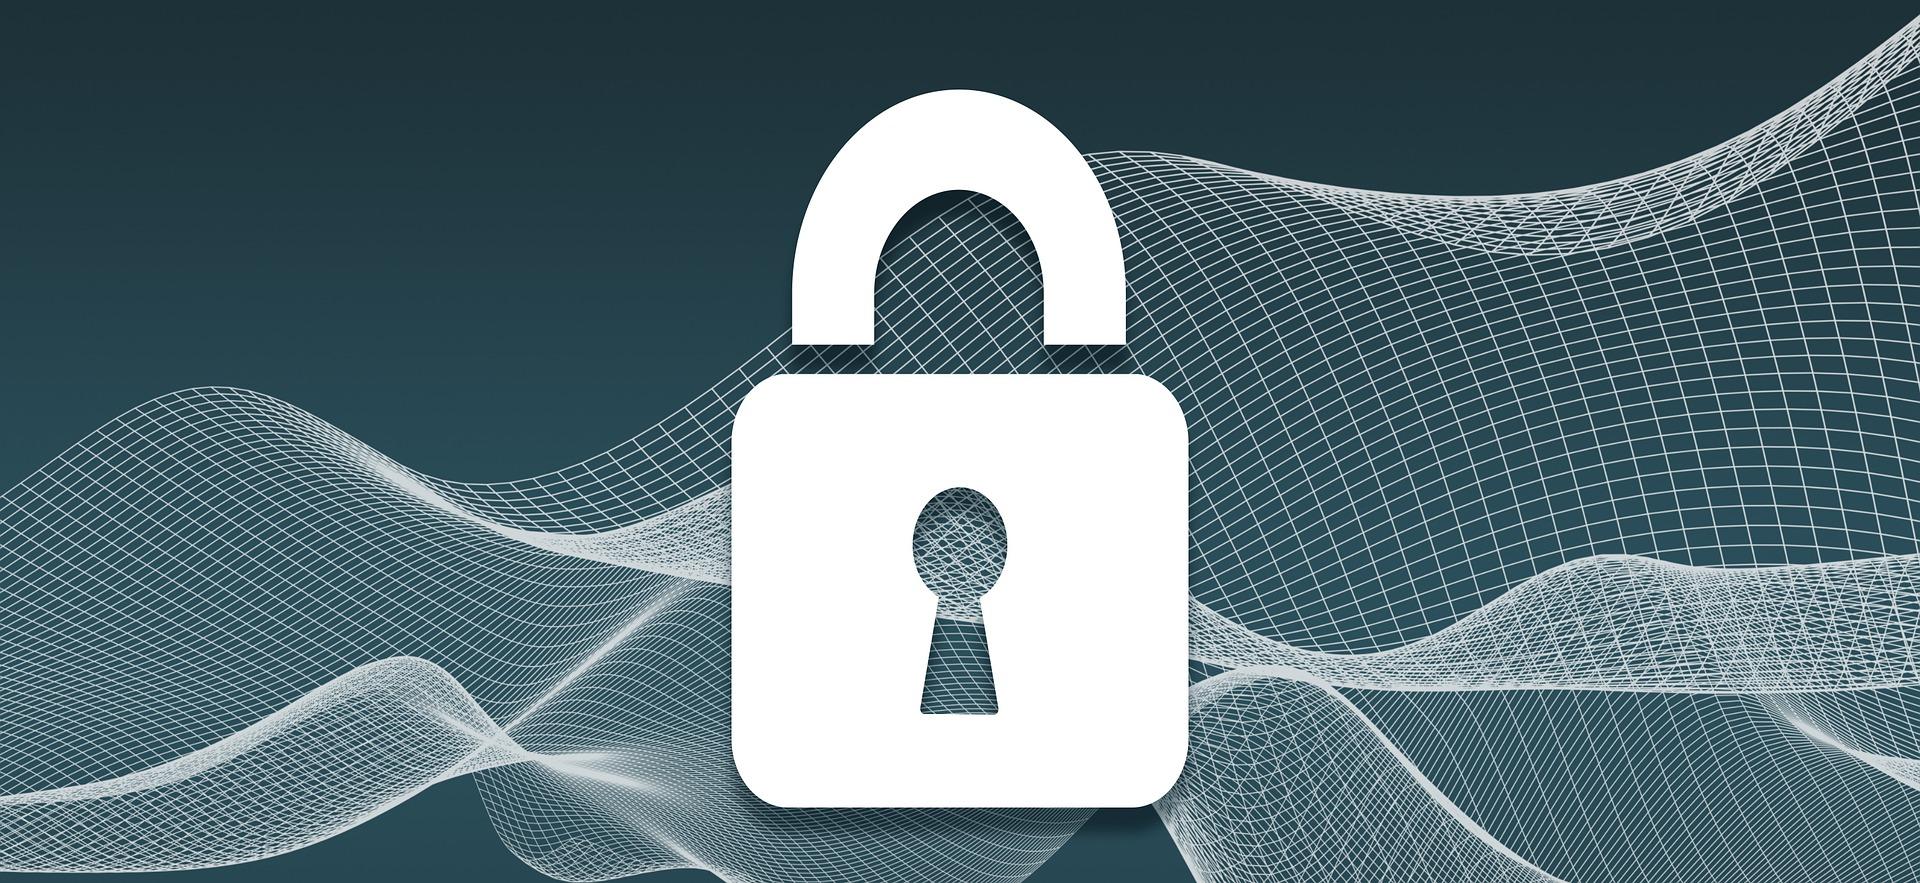 Czy można zabezpieczyć swoją firmę przed cyberatakiem?